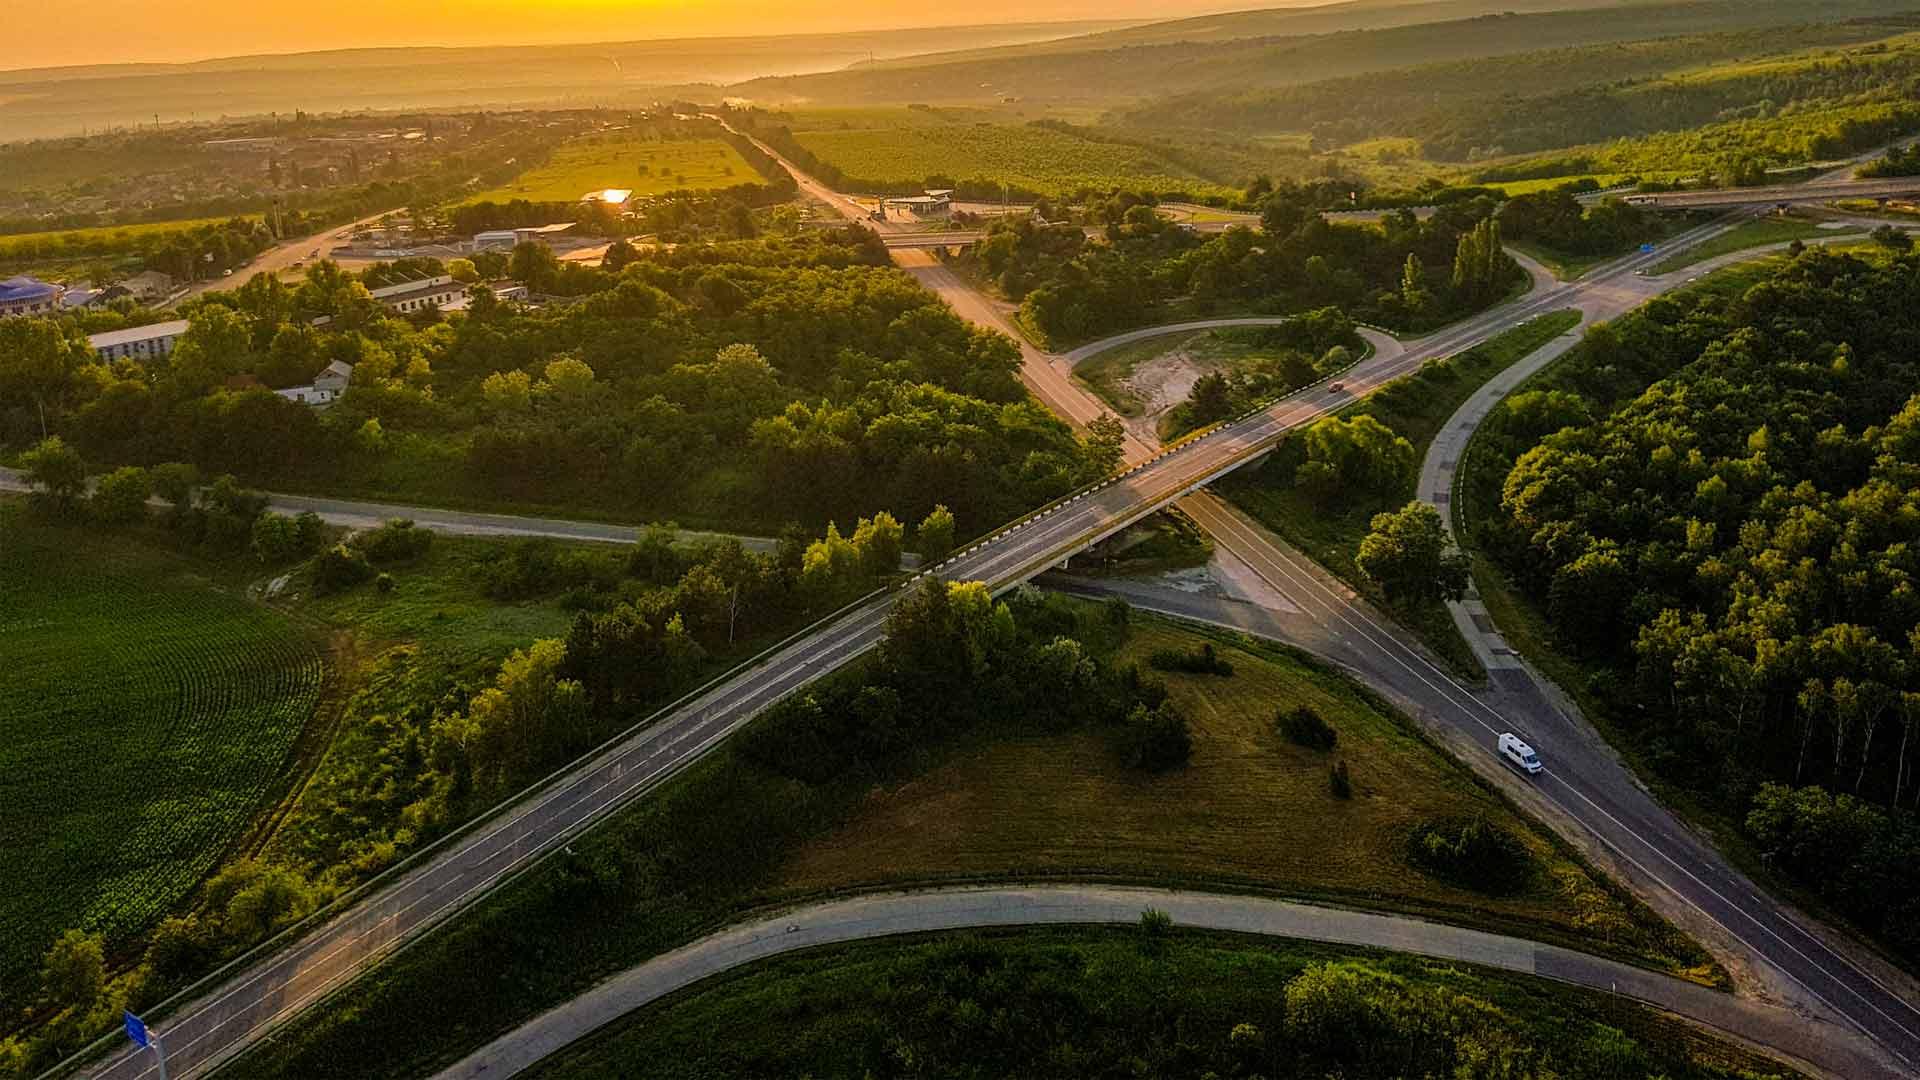 Vista aérea de campos na Moldávia, um dos países da Europa